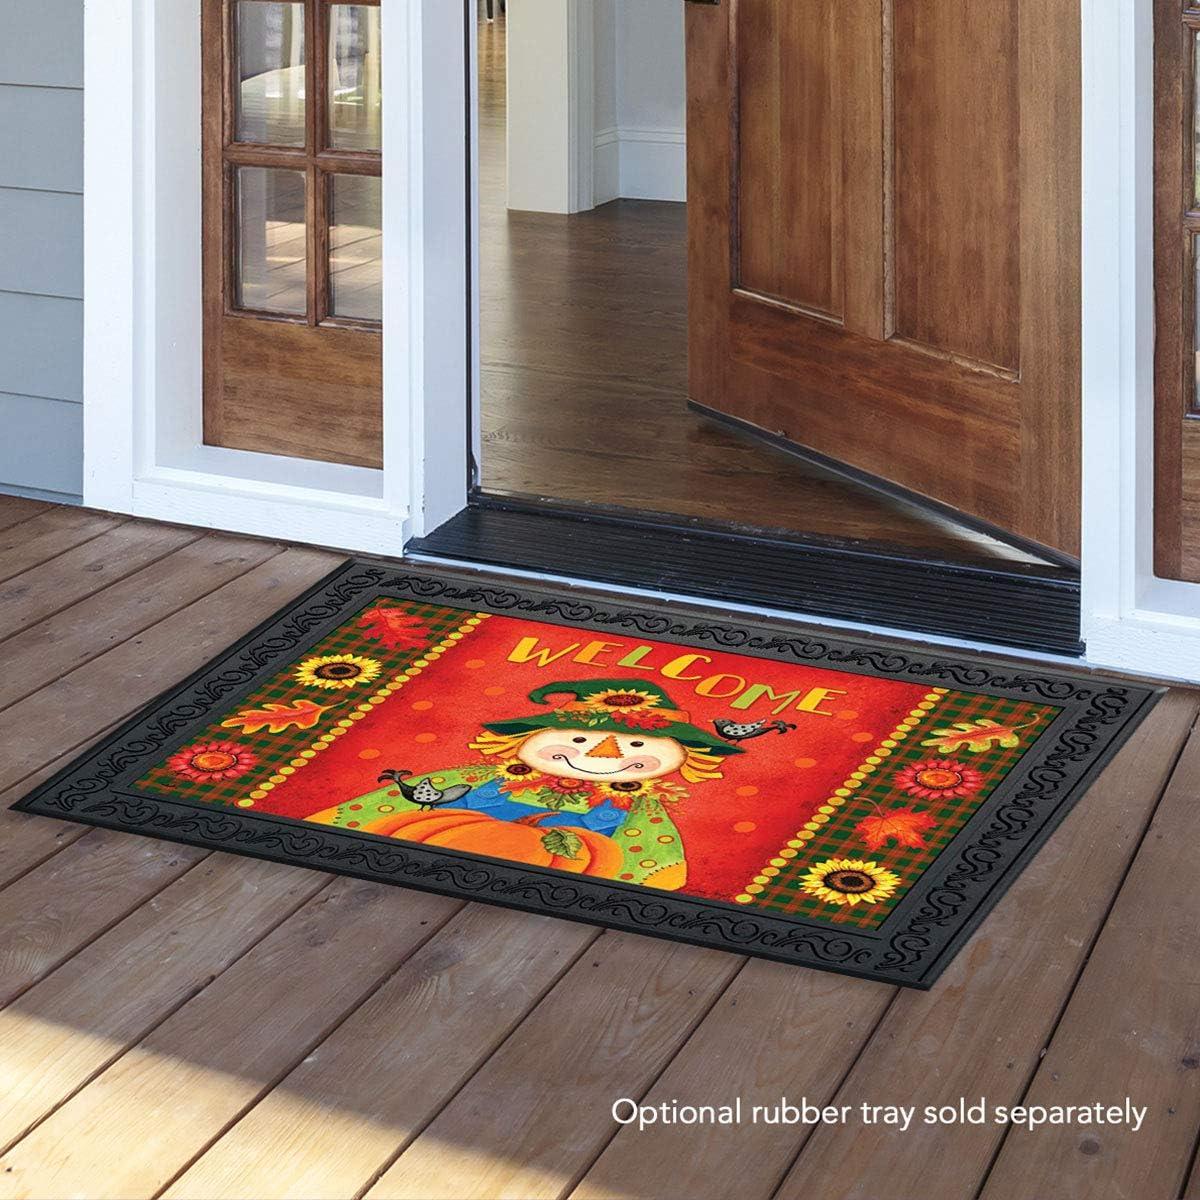 Briarwood Lane Harvest Scarecrow Fall Doormat Primitive Autumn Indoor Outdoor 18 x 30